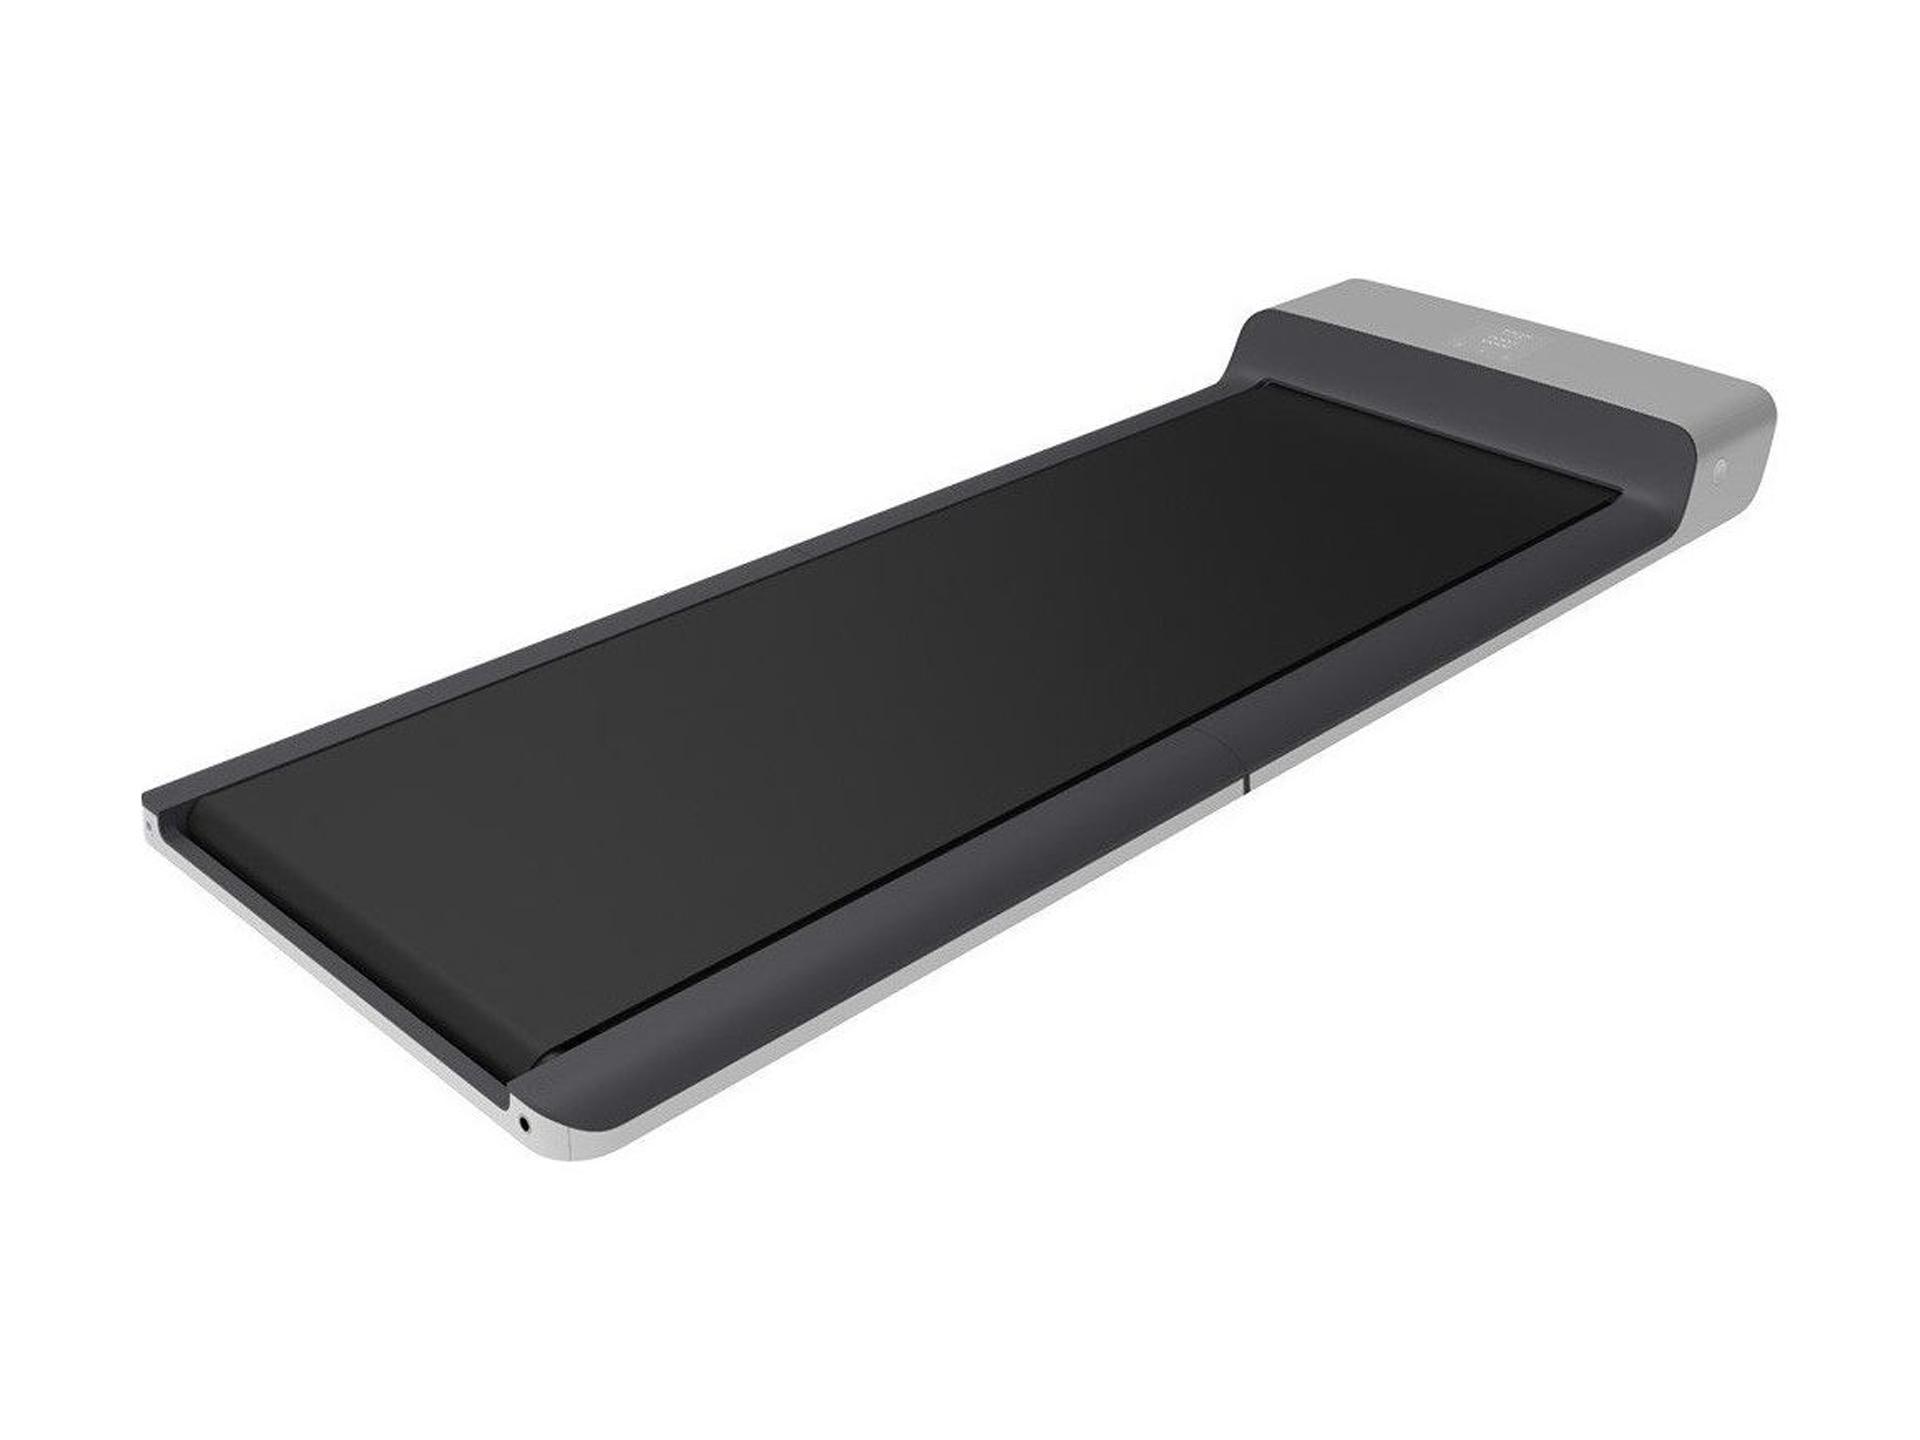 Беговые дорожки Электрическая беговая дорожка Xiaomi WalkingPad A1 Pro Black xiaomi_kingsmith_walking_pad_a1_treadmill_front.jpg